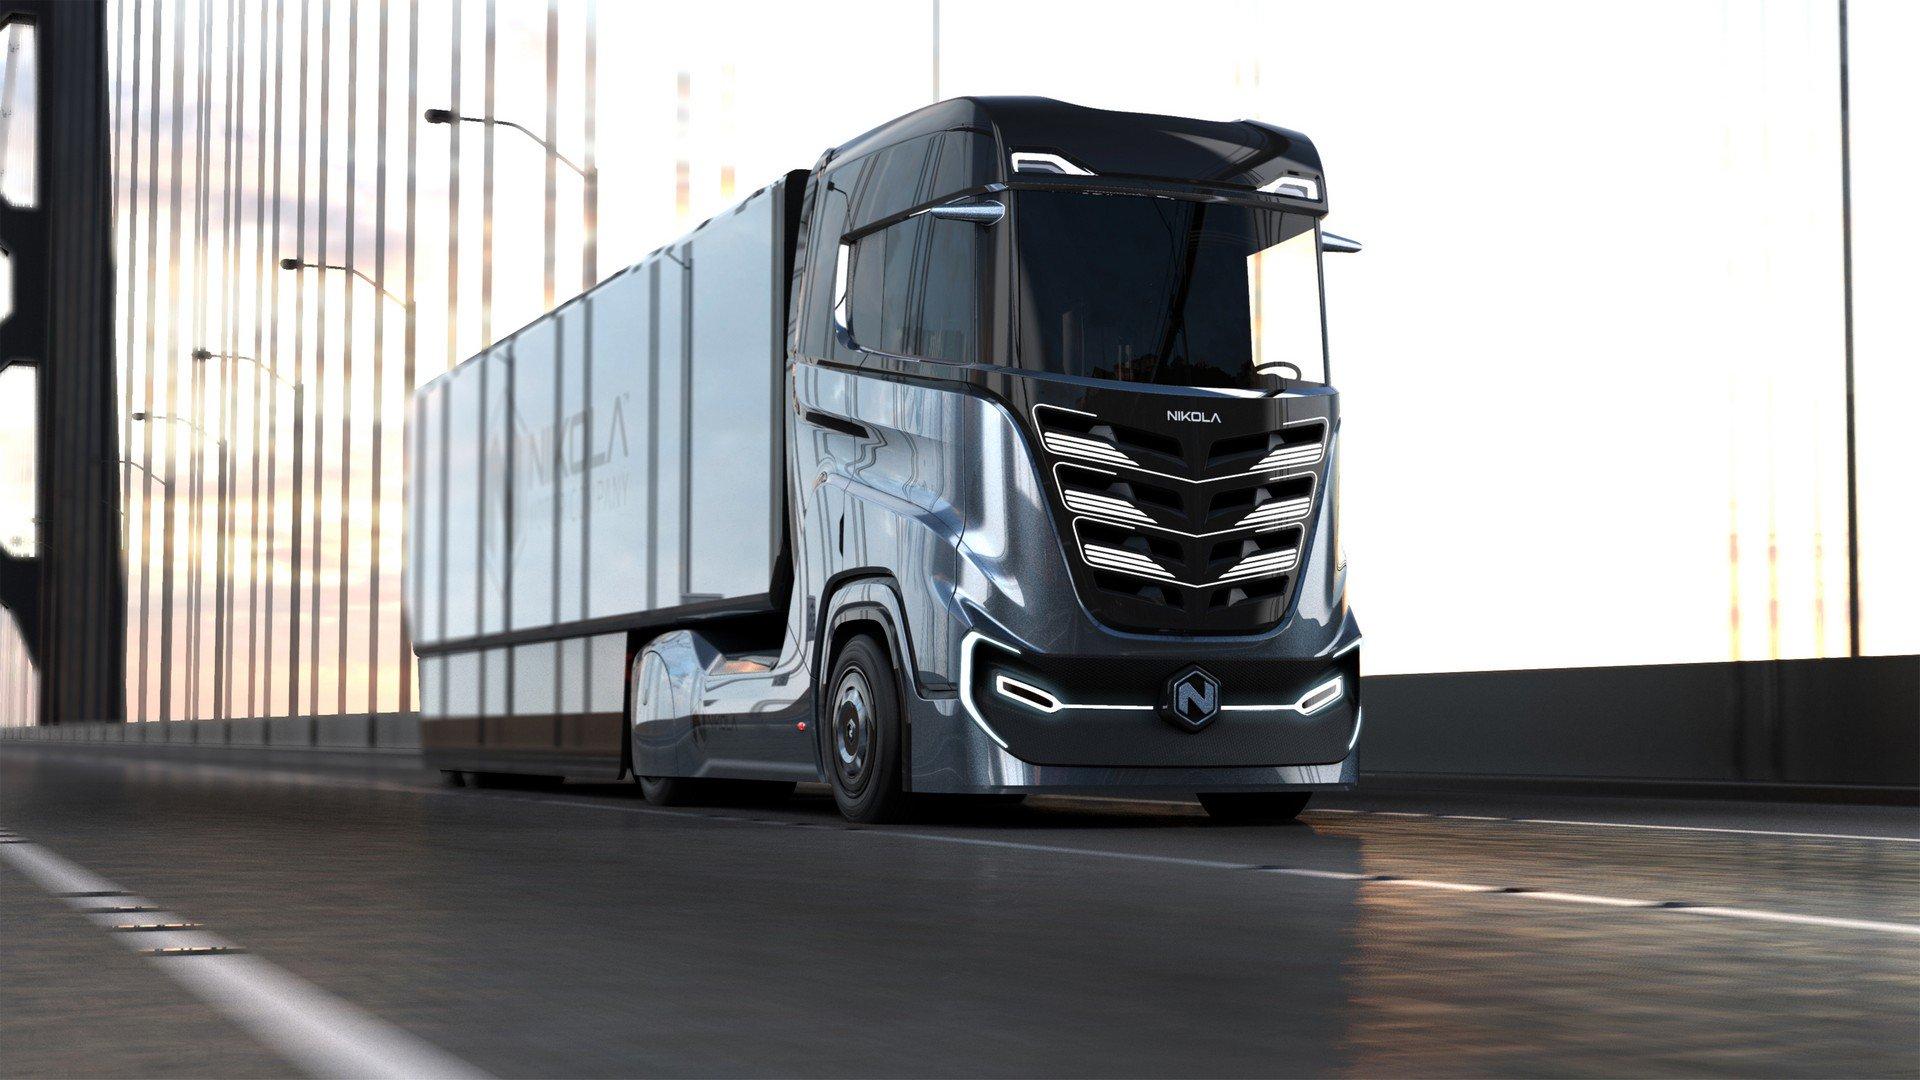 Фирма Nikola Motor создала водородно-электрический грузовик для Европы